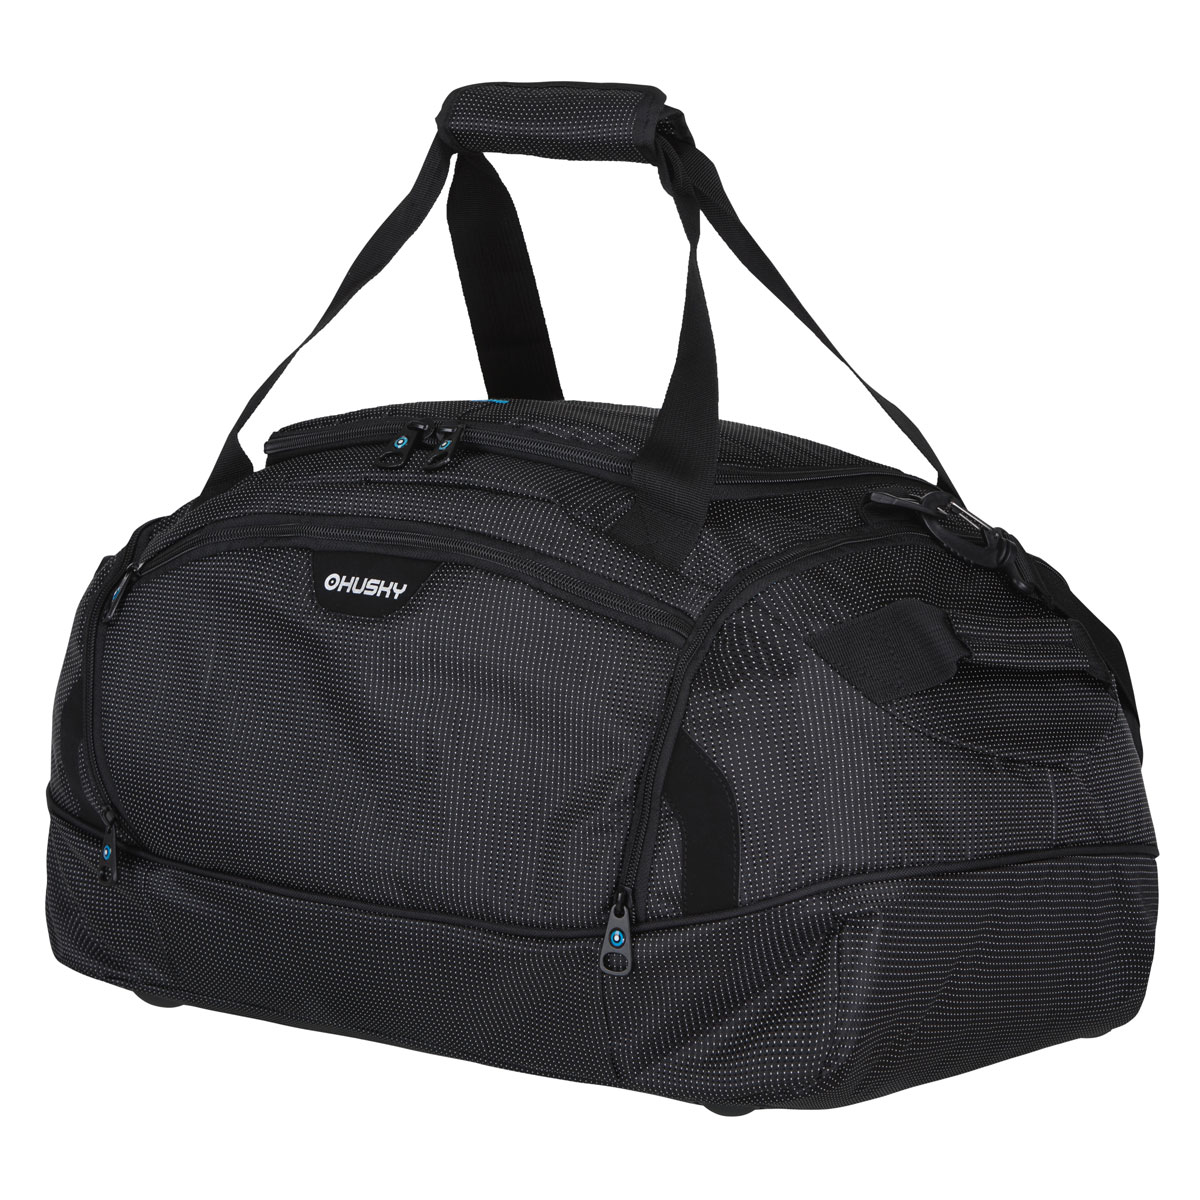 Сумка спортивная Husky Grape 80 L, цвет: черныйУТ-000048762Комфортная и практичная спортивная сумка Grape 80 L.Особенности модели: Водонепроницаемая ткань, Два боковых кармана, Внутренний органайзер, Съемный наплечный ремень.